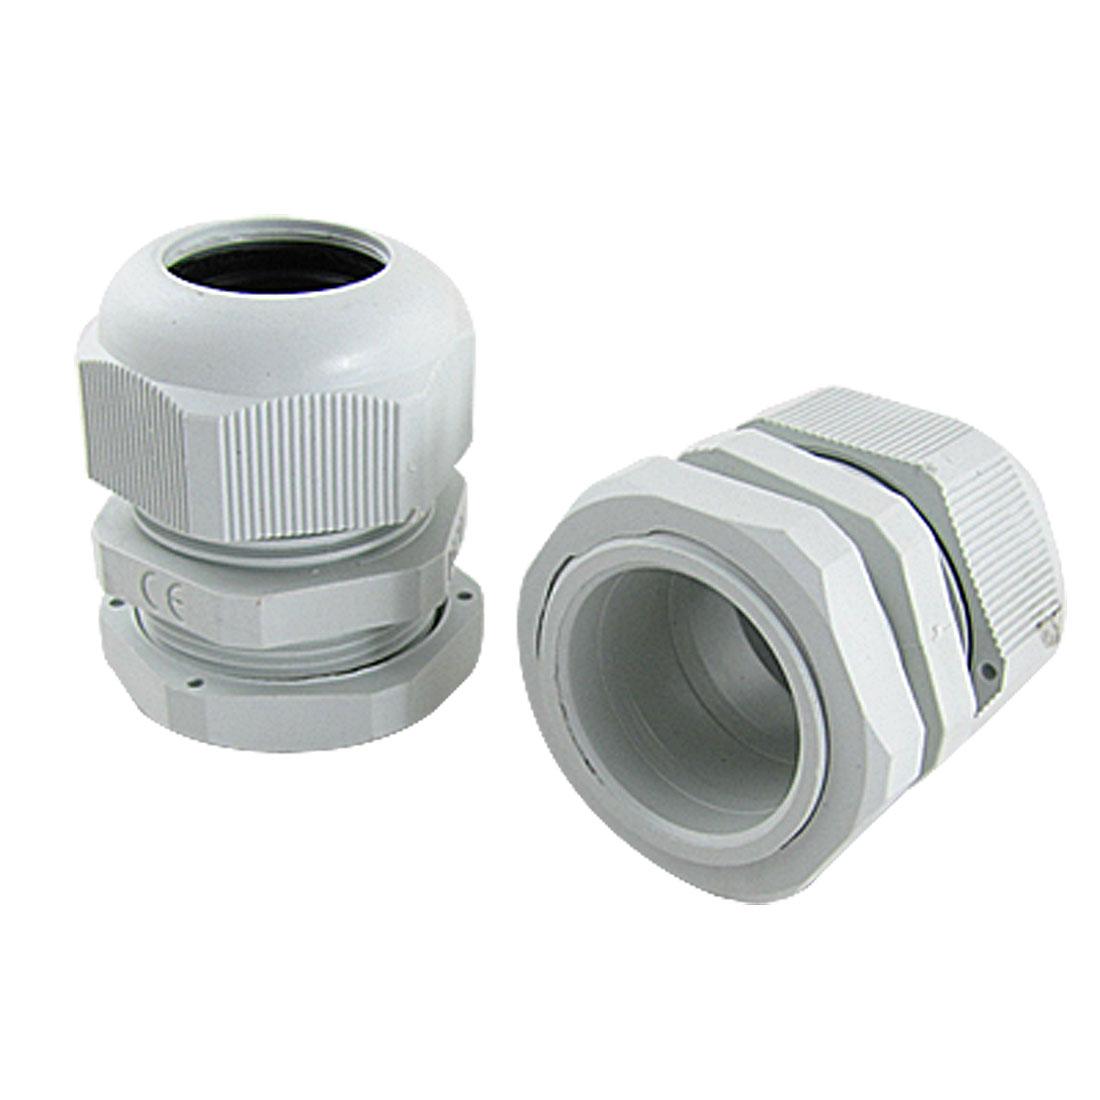 16-21mm Cables Waterproof M32 Wht Plastic Glands 2 Pcs